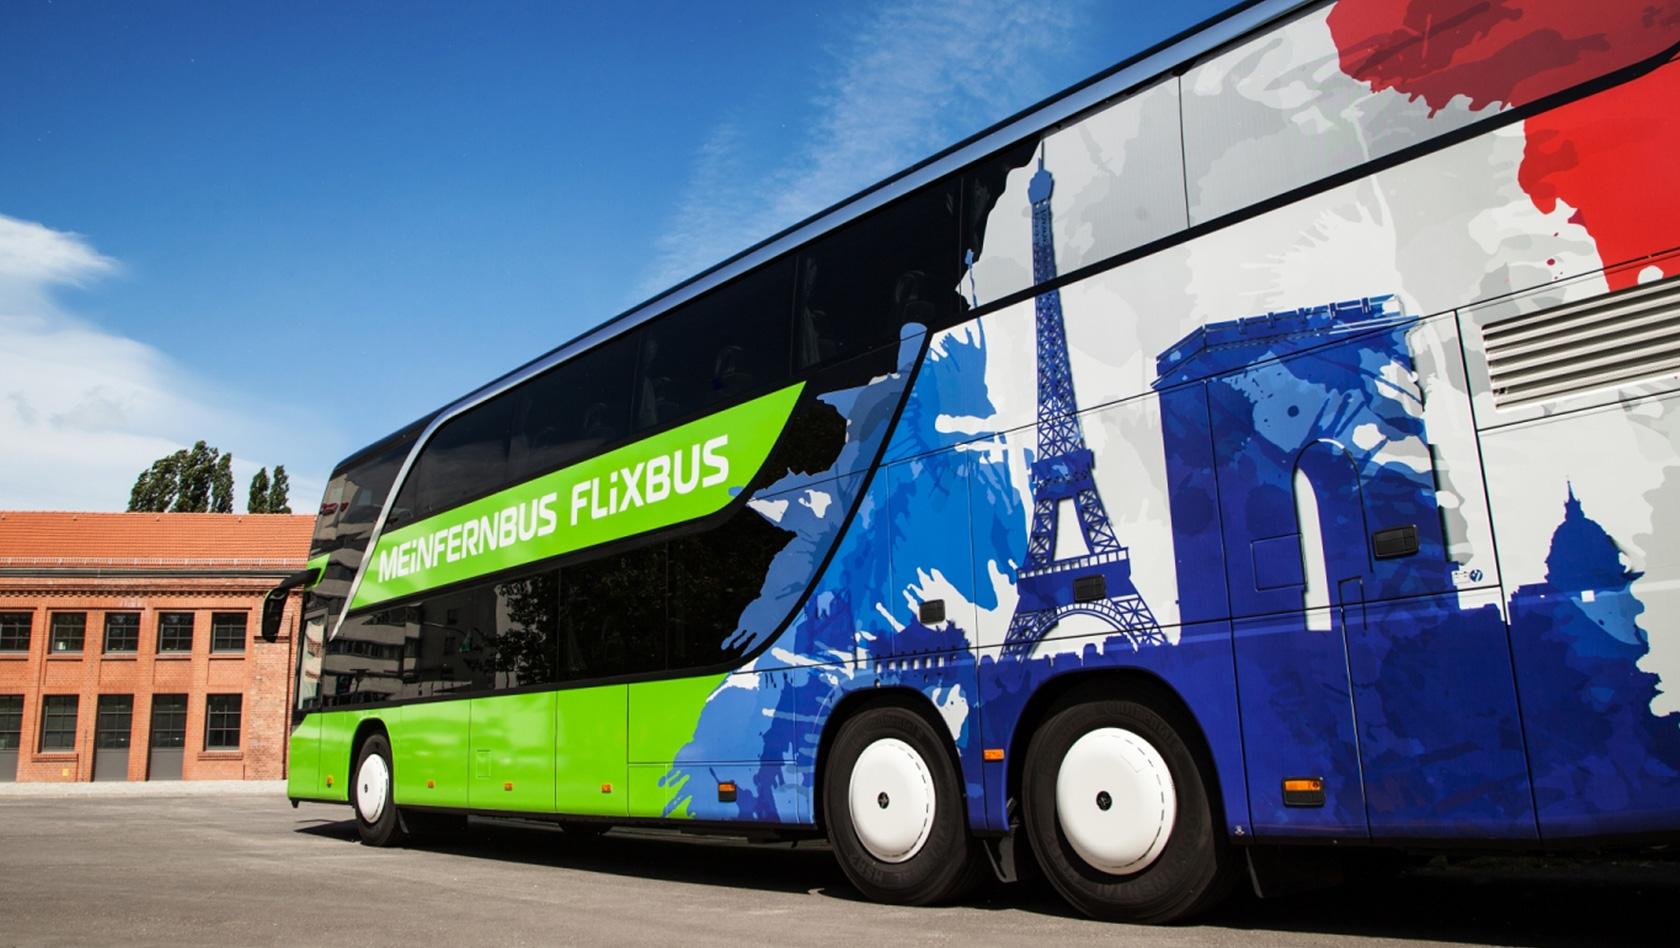 mit meinfernbus flixbus ber nacht ins disneyland paris. Black Bedroom Furniture Sets. Home Design Ideas